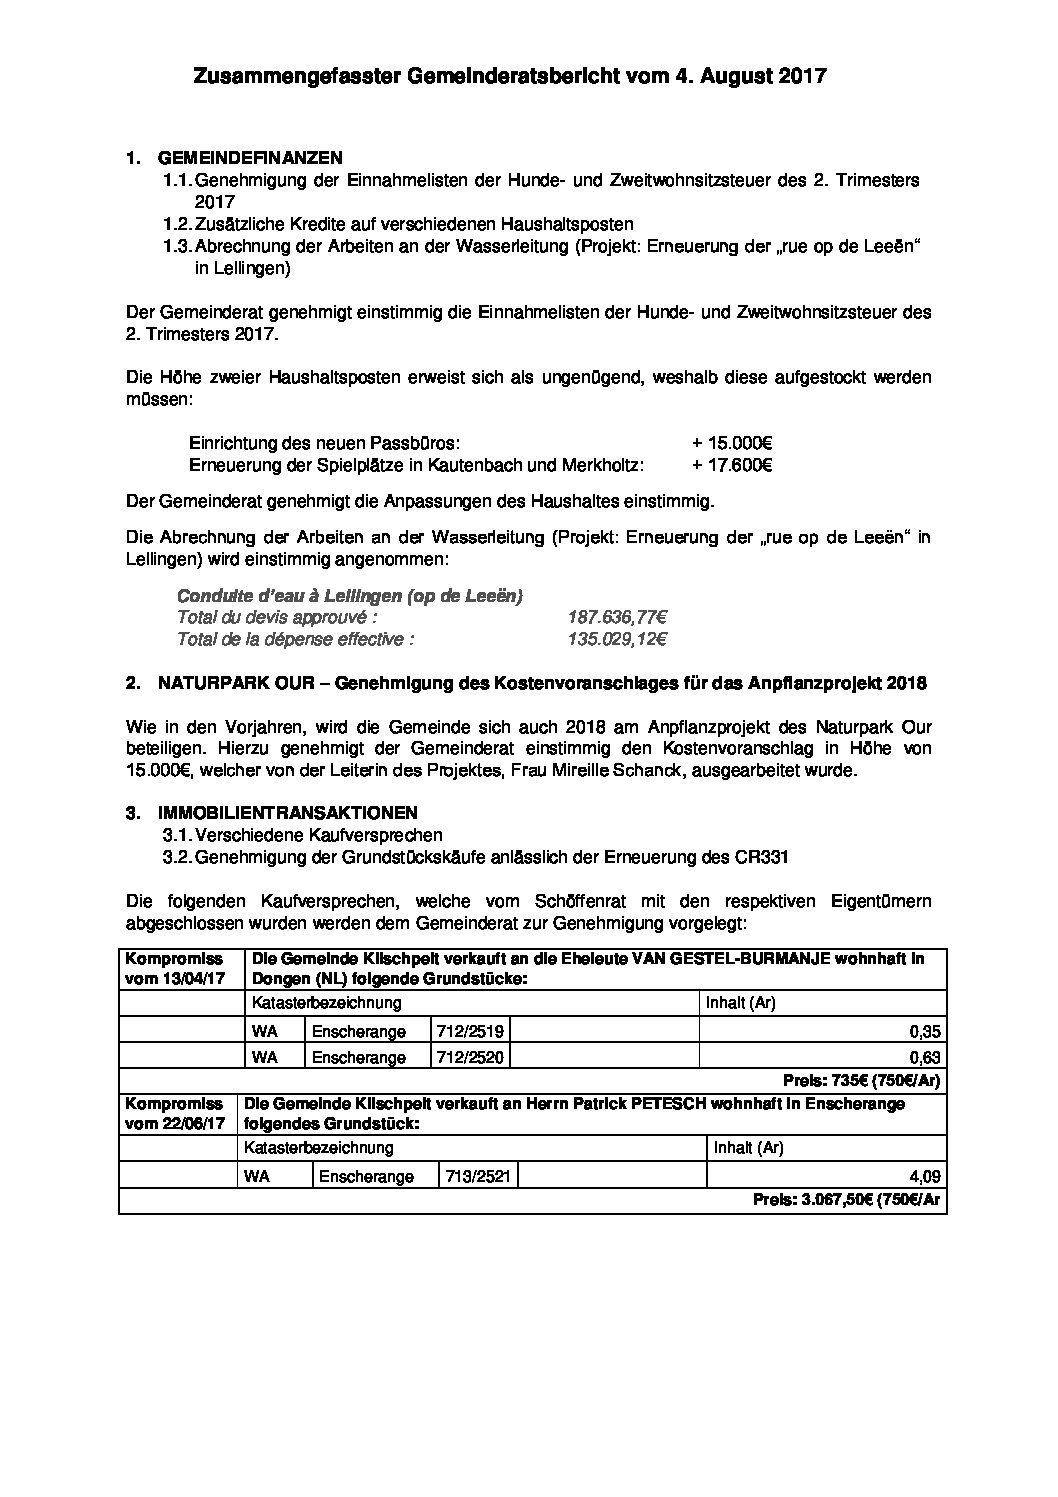 Gemeinderats Bericht vom 4. August 2017